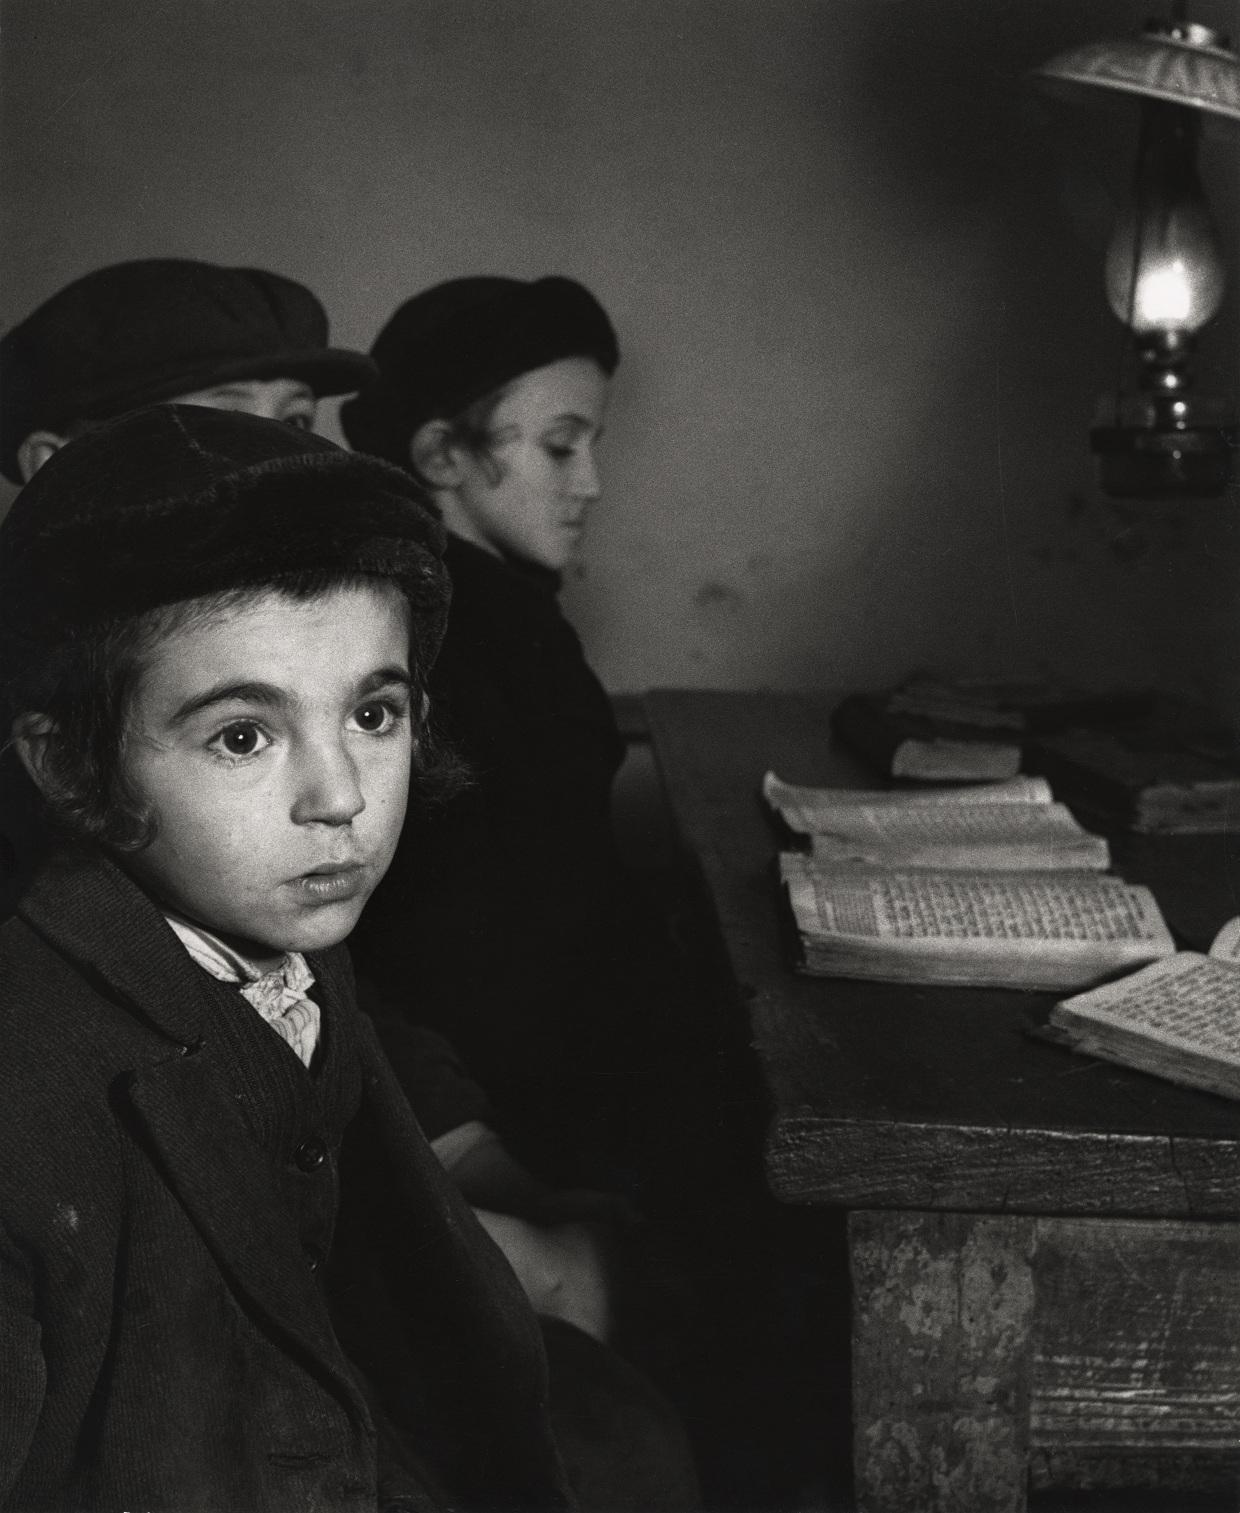 Dawid Eksztajn, lat 7, i jego koledzy z klasy w chederze (żydowskiej szkole podstawowej), Brody, ok. 1938 (fot.   Mara Vishniac Kohn, dzięki uprzejmości  International Center of Photography)